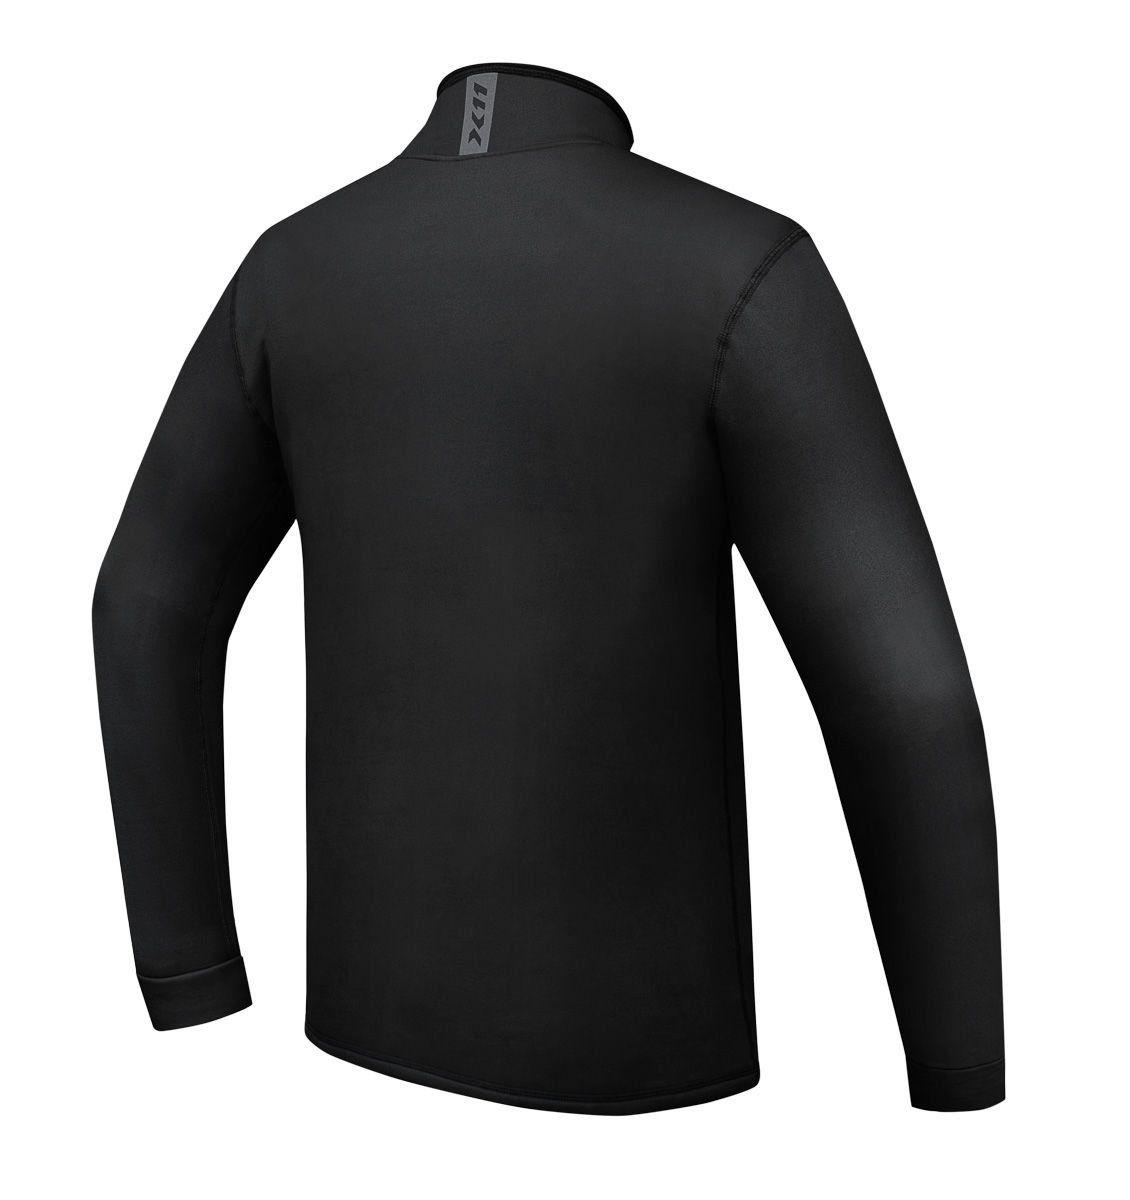 Kit Camiseta Climate 3 + Calça Climate 2 X11 Preta Segunda Pele Térmica Motoqueiro Motociclista Ciclista Treino Corrida